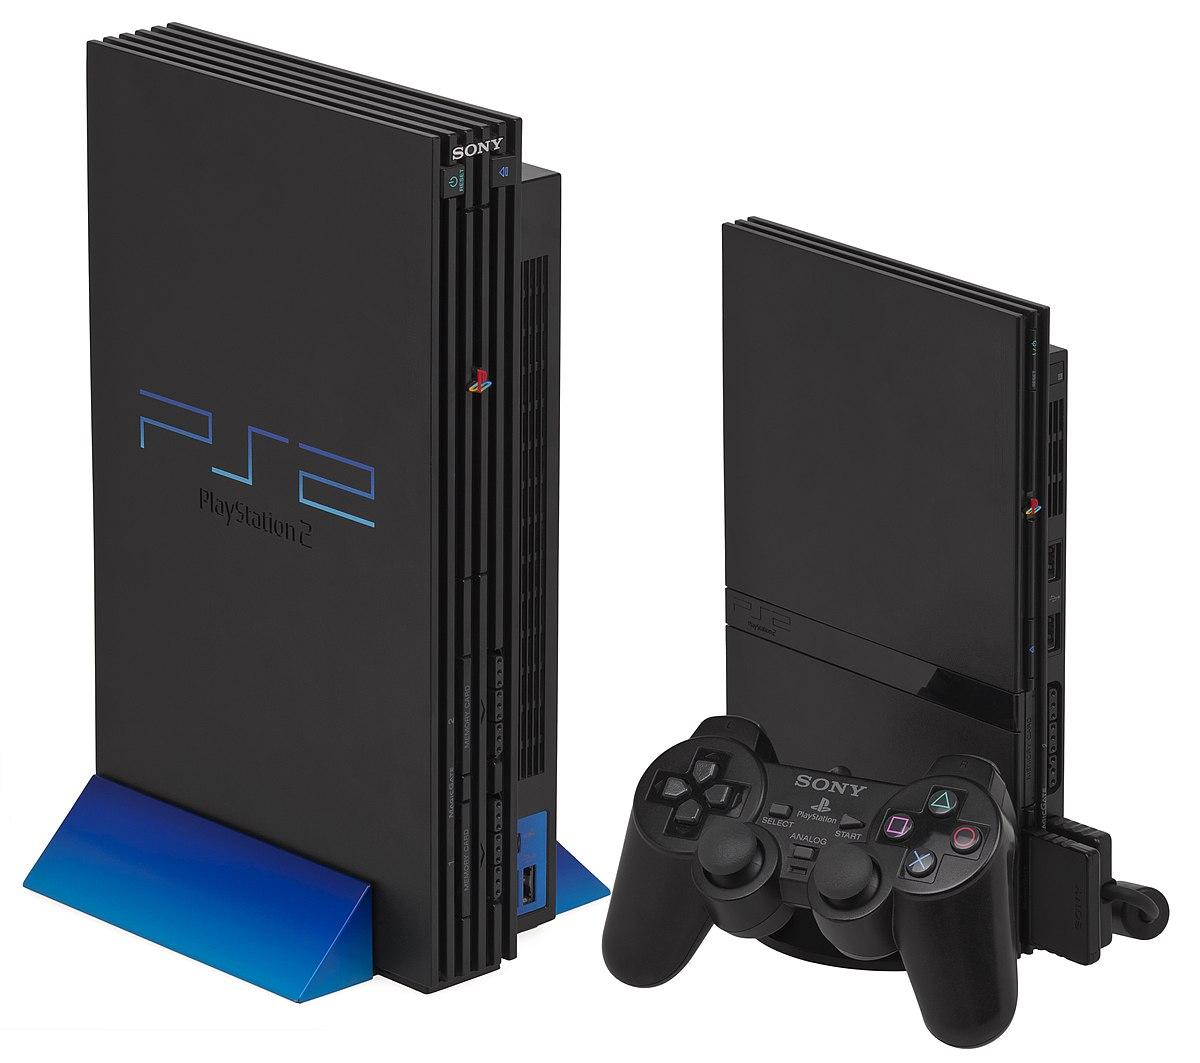 Playstation 2 Wikipedia